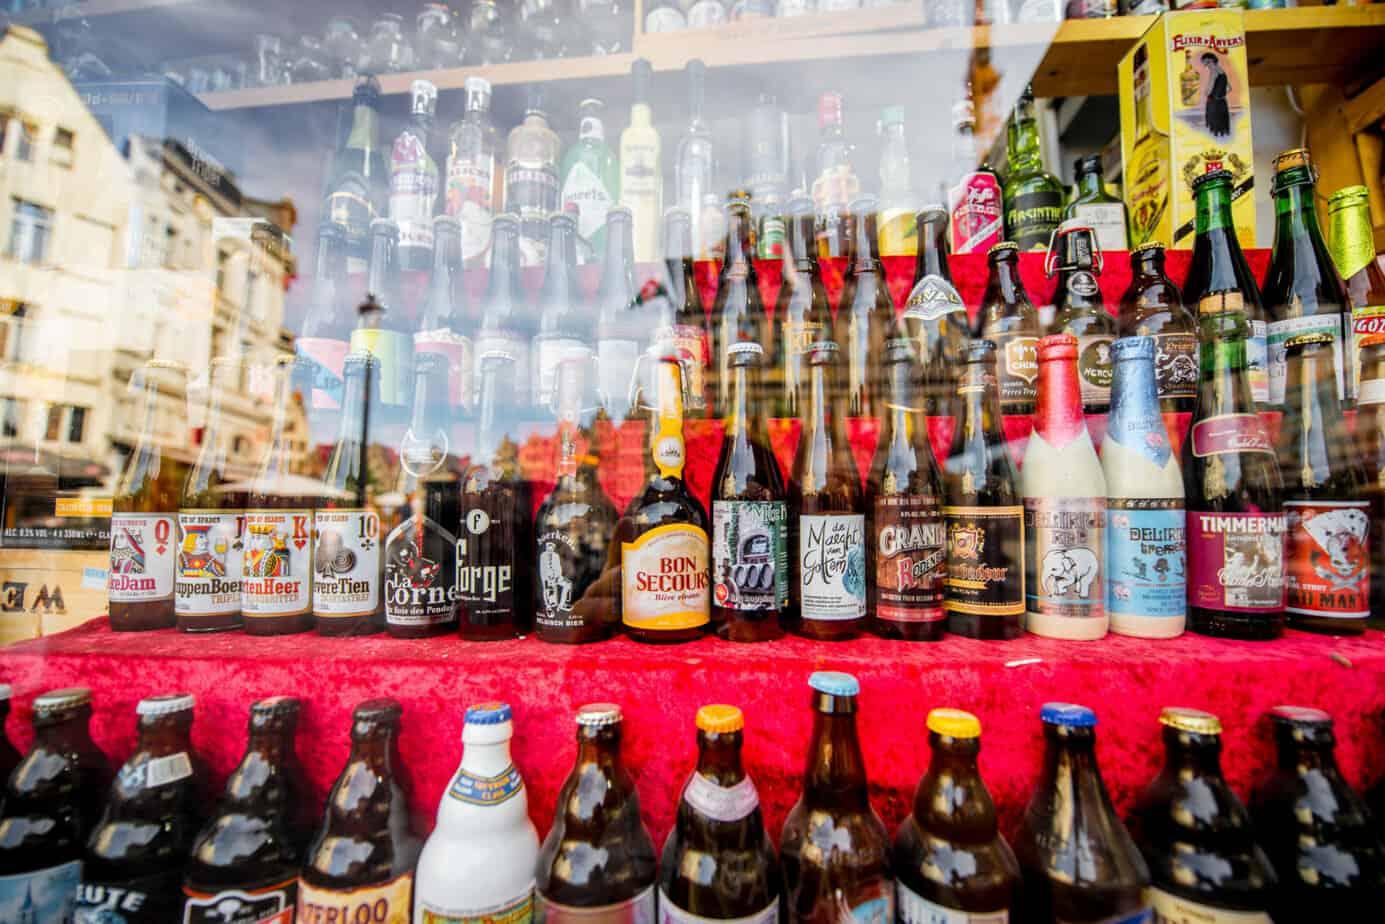 Bier Antwerpen